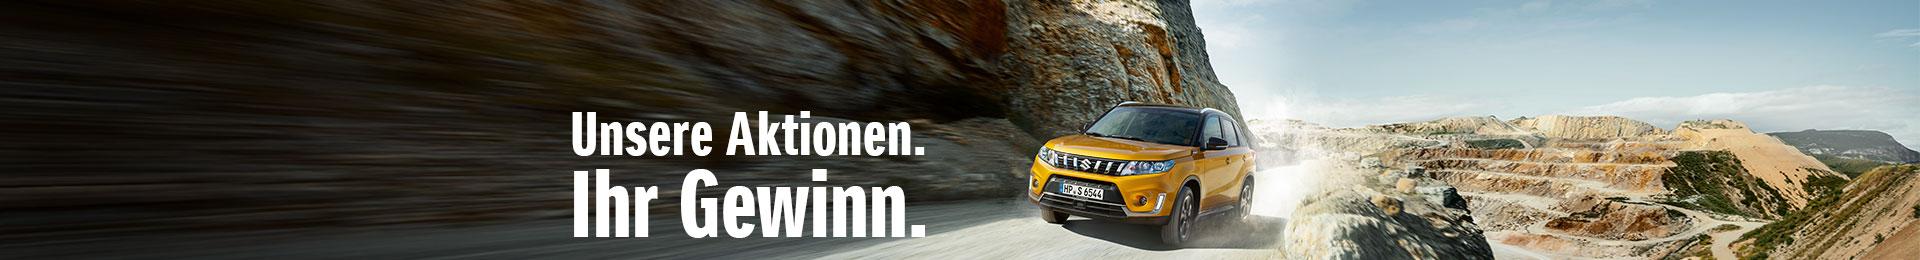 Unsere Suzuki Aktionen - Ihr Gewinn.